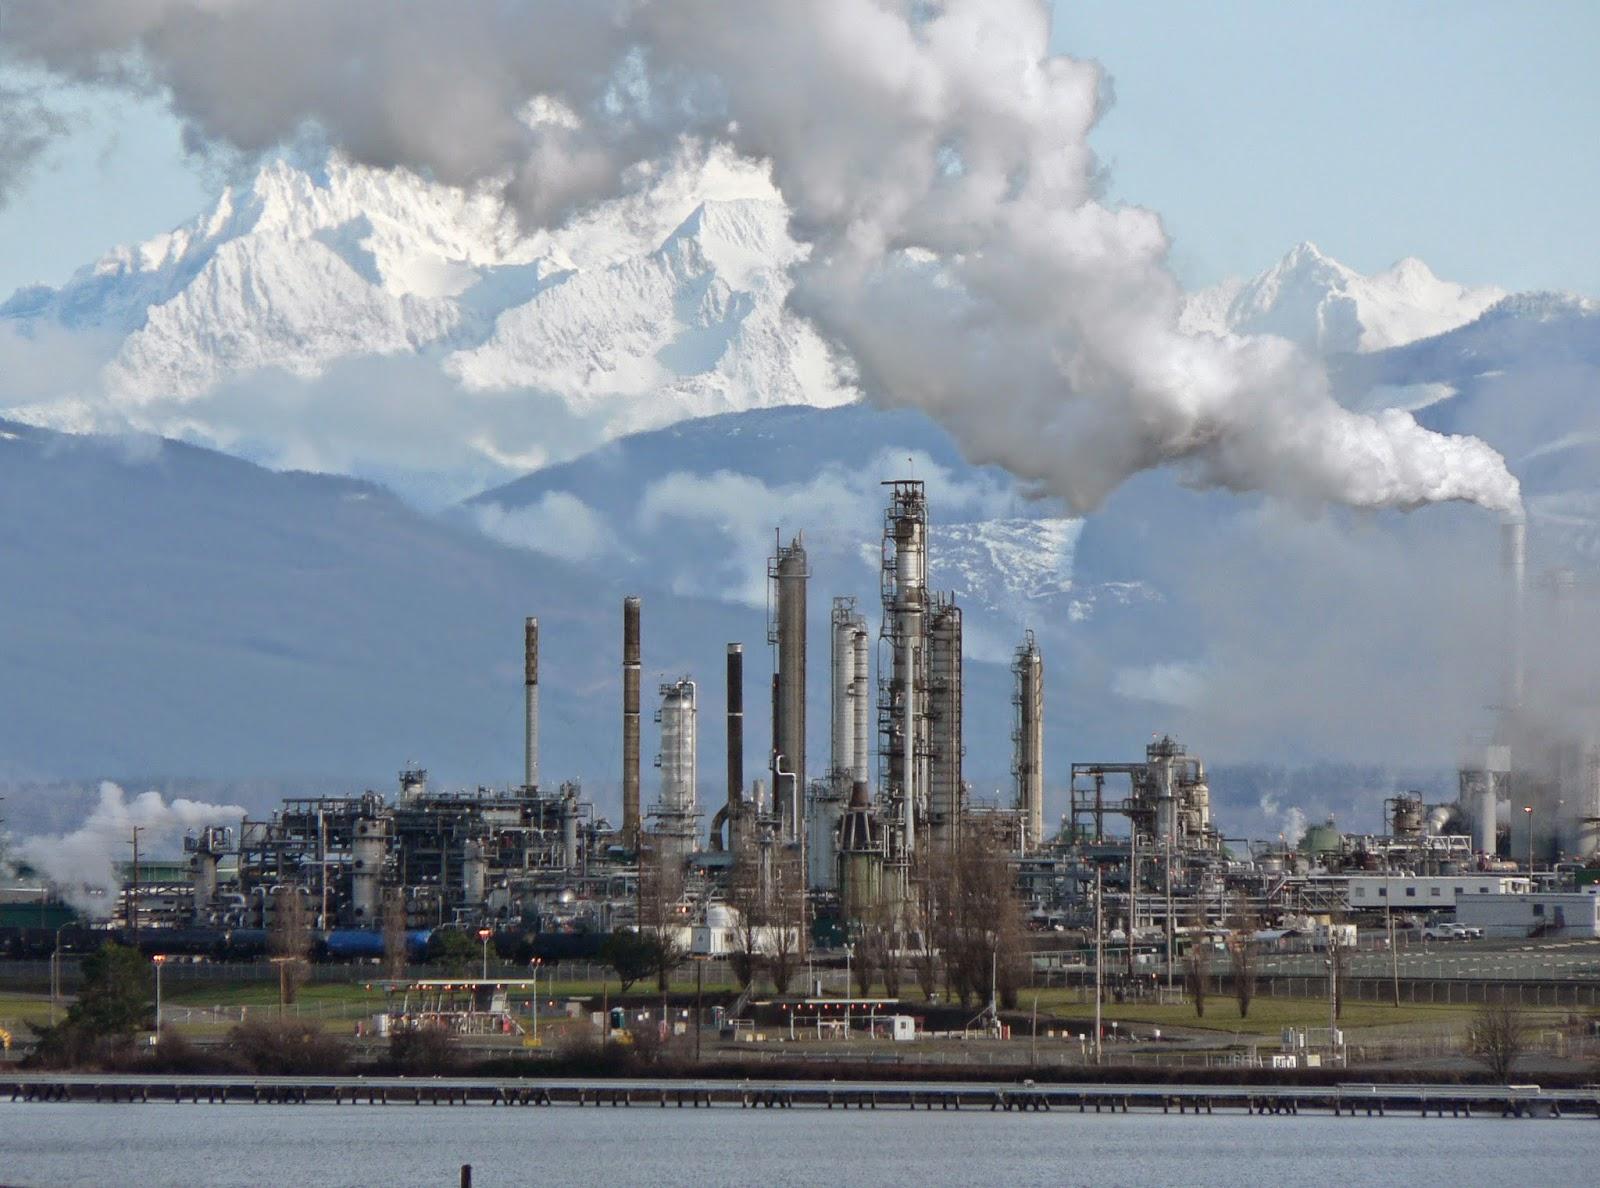 Campos de Petróleo: O Refino do Petróleo ( Petroleum Refining )